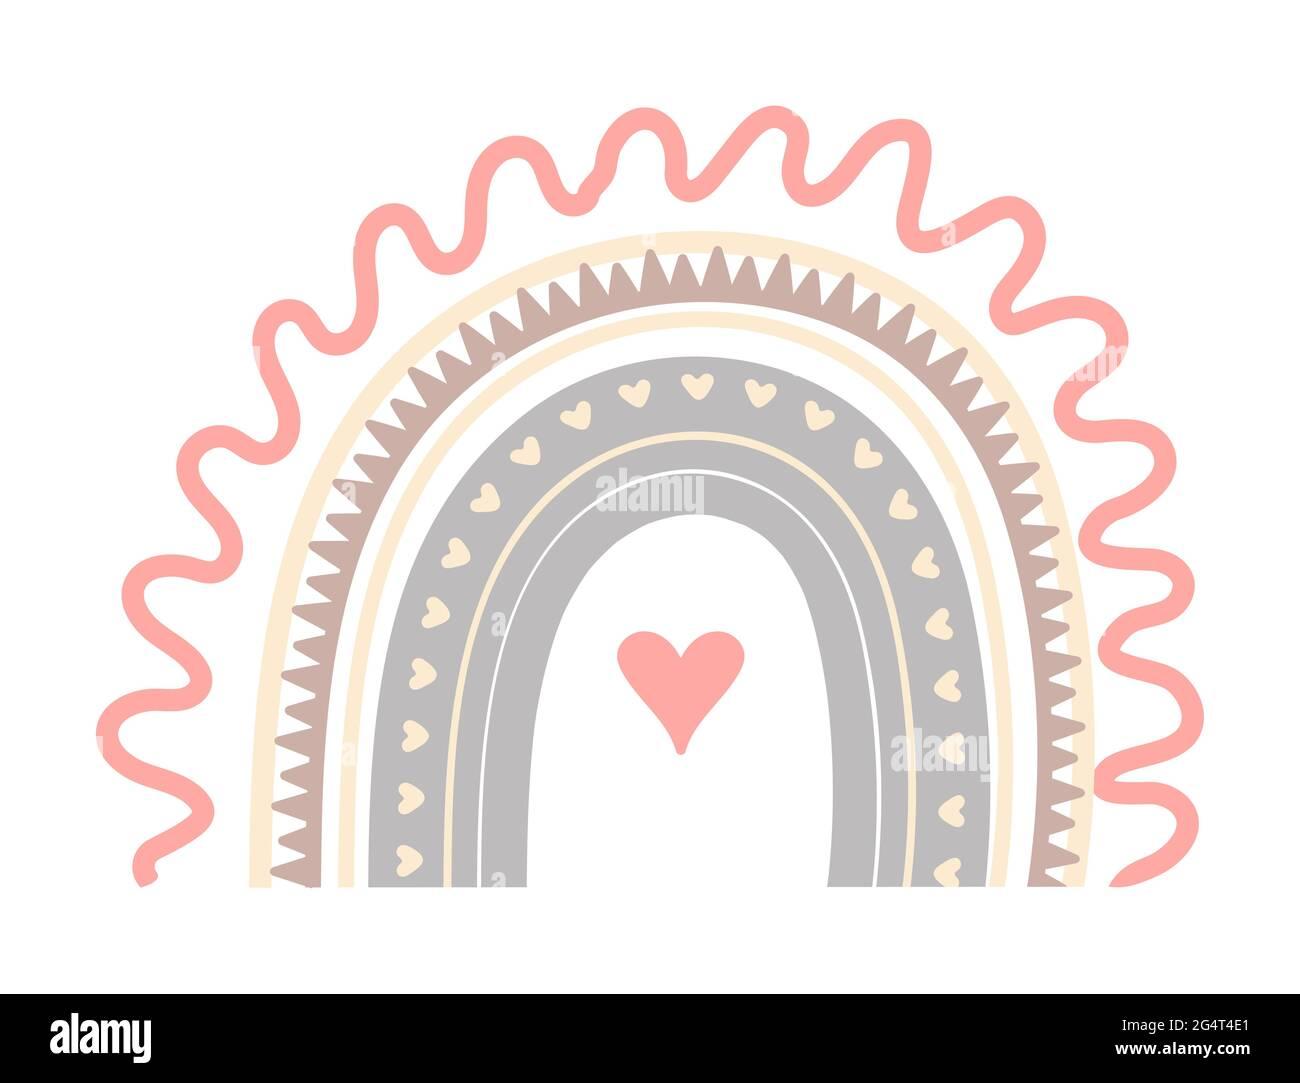 Boho joli vecteur arc-en-ciel dans des couleurs pastel. Bébé abrAct arc-en-ciel avec des gouttes, coeur, étoiles, nuage isolé sur fond blanc. Affiche imprimable illust Illustration de Vecteur